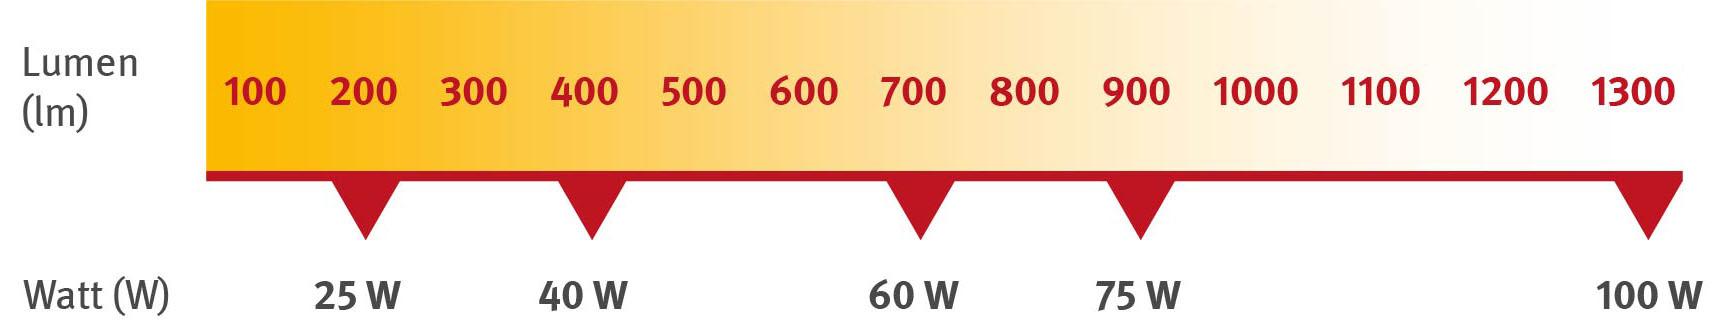 Vergleich Der Helligkeit In Lumen Und Watt